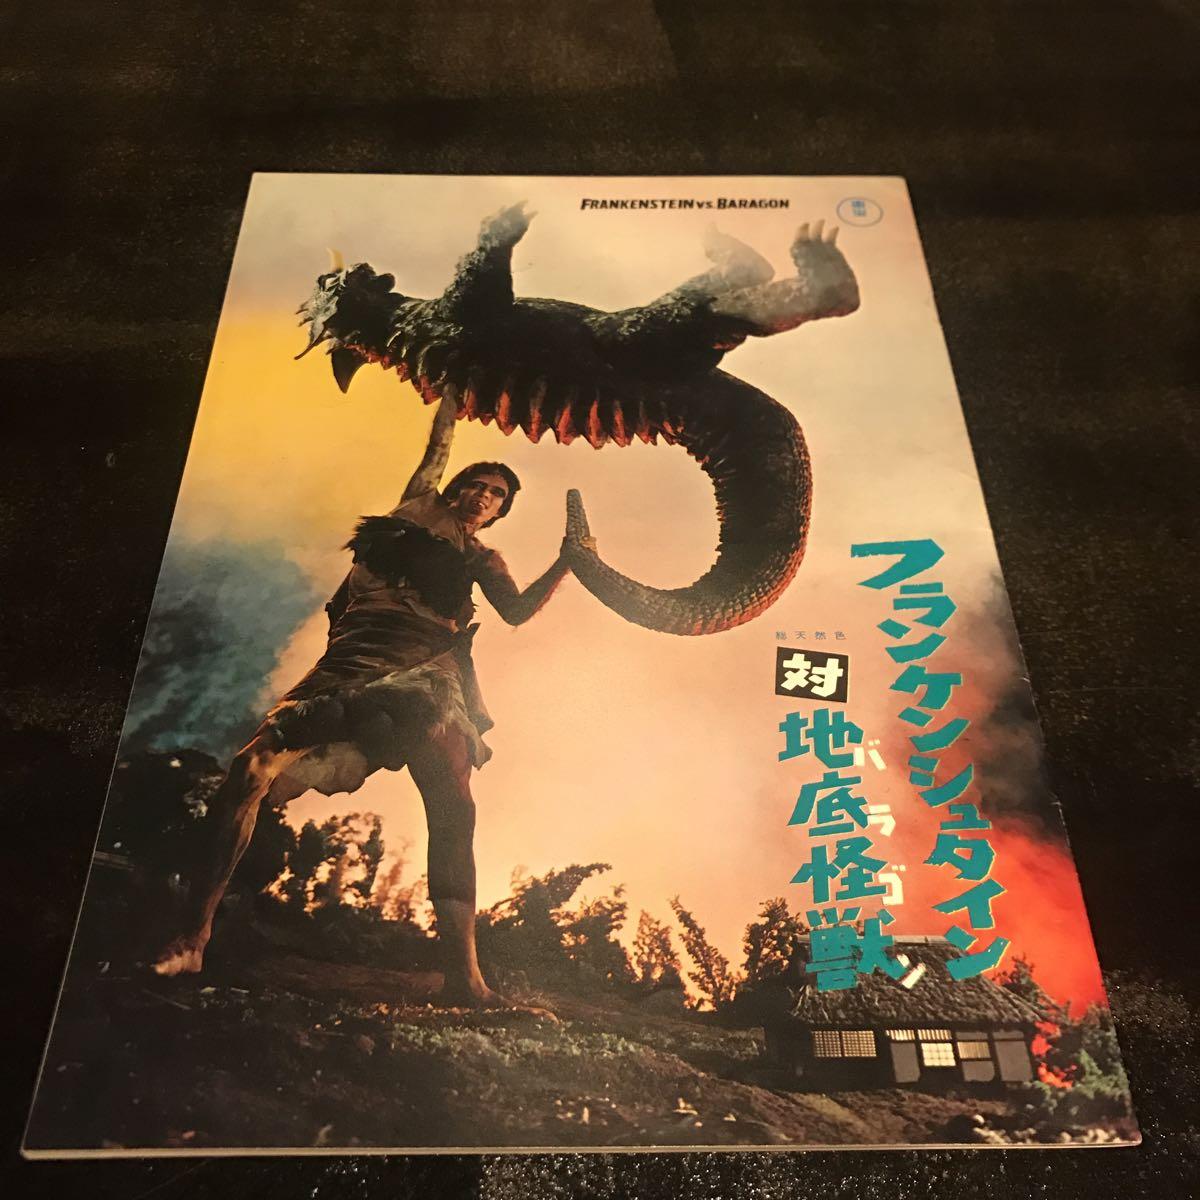 フランケンシュタイン対地底怪獣 バラゴン パンフレット 特撮 日本映画 昭和レトロ 美品 レア